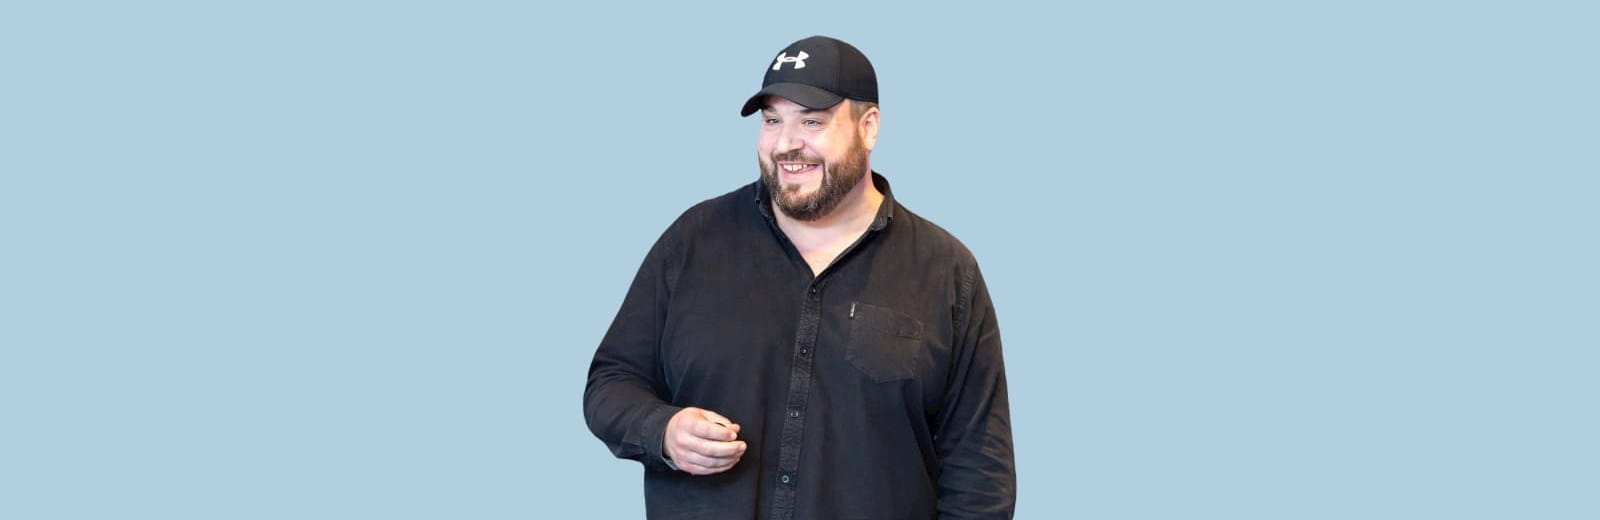 Nick Elston